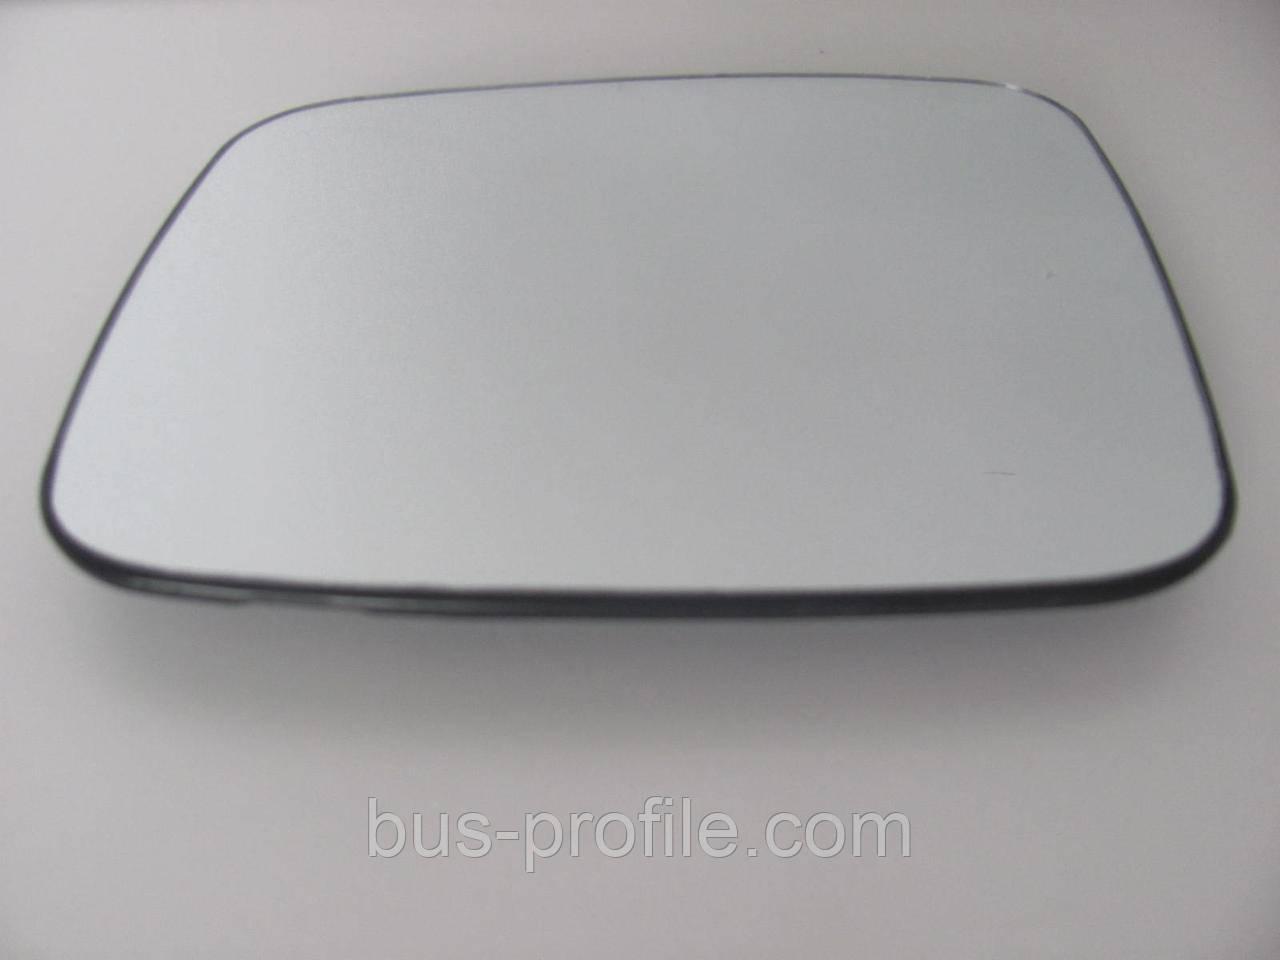 Стекло зеркала VW T4 91-03 L — TURK — 701857521J